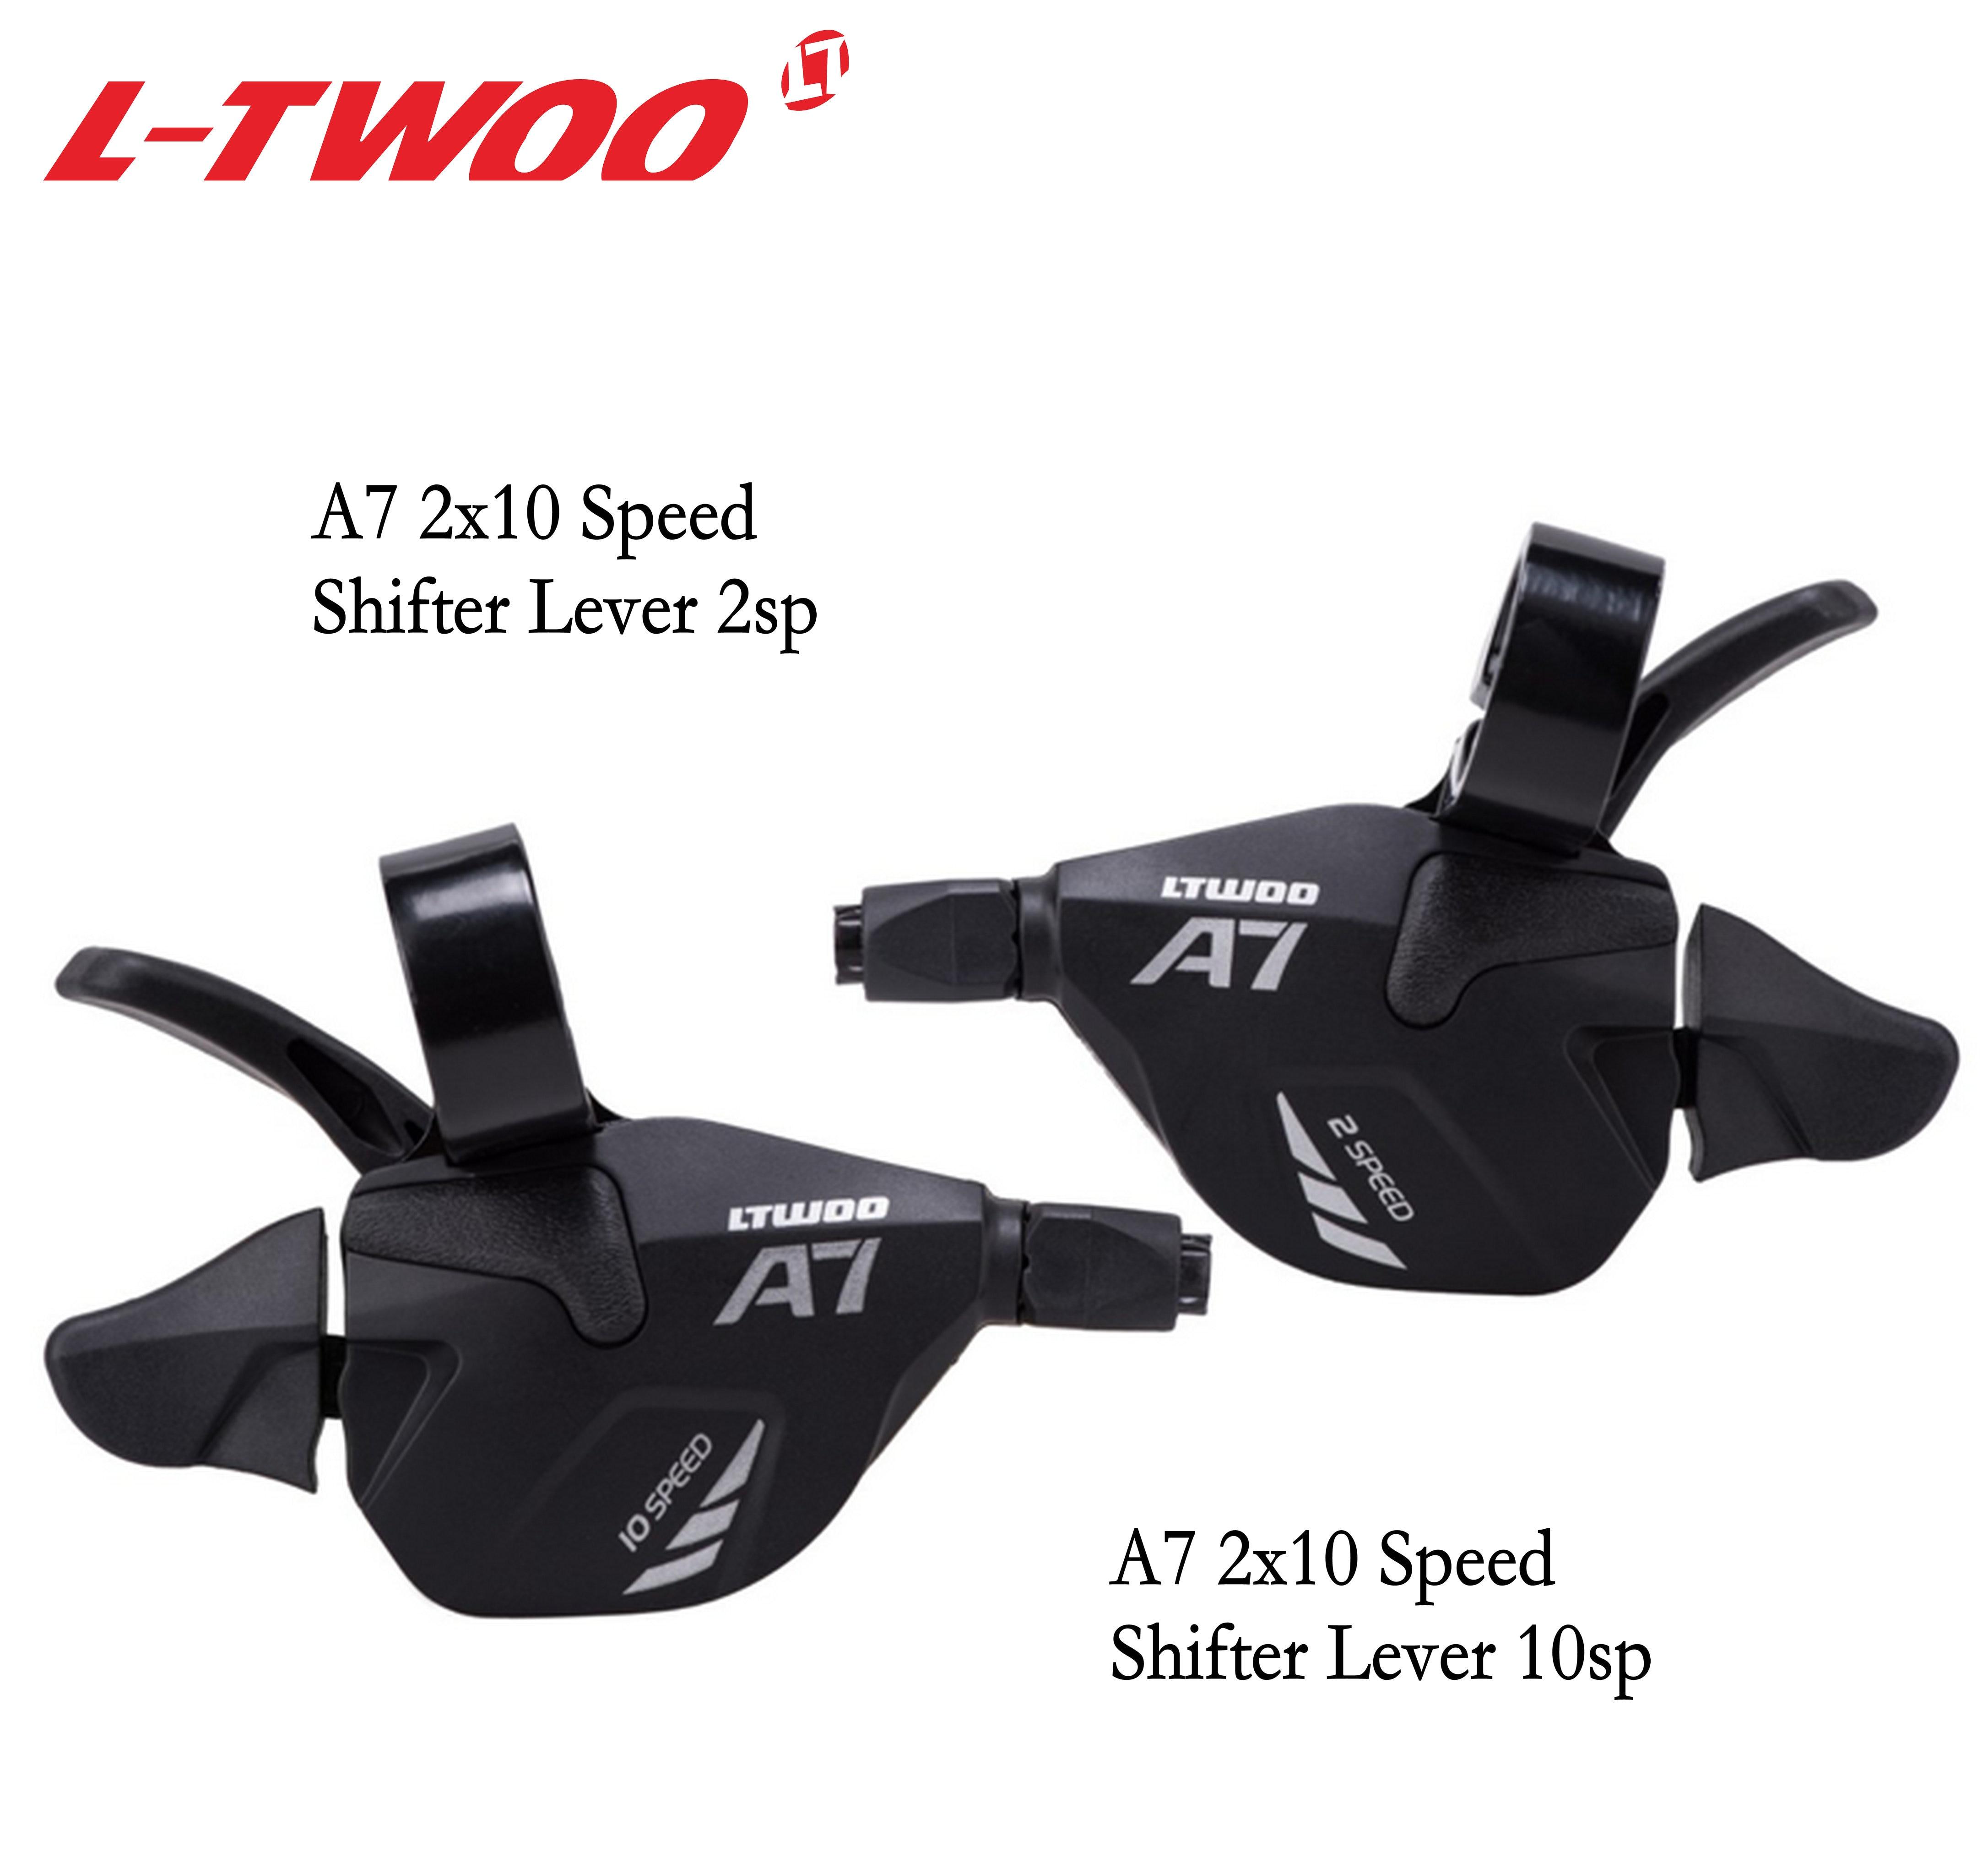 LTWOO A7 LTWOO Groupe 2X10 3X10 Vitesse 30S 20S Déclencheur manette de vitesse levier Pour vtt VTT Cassette 1146 T/50 T, X9X7 PIÈCES de rechange